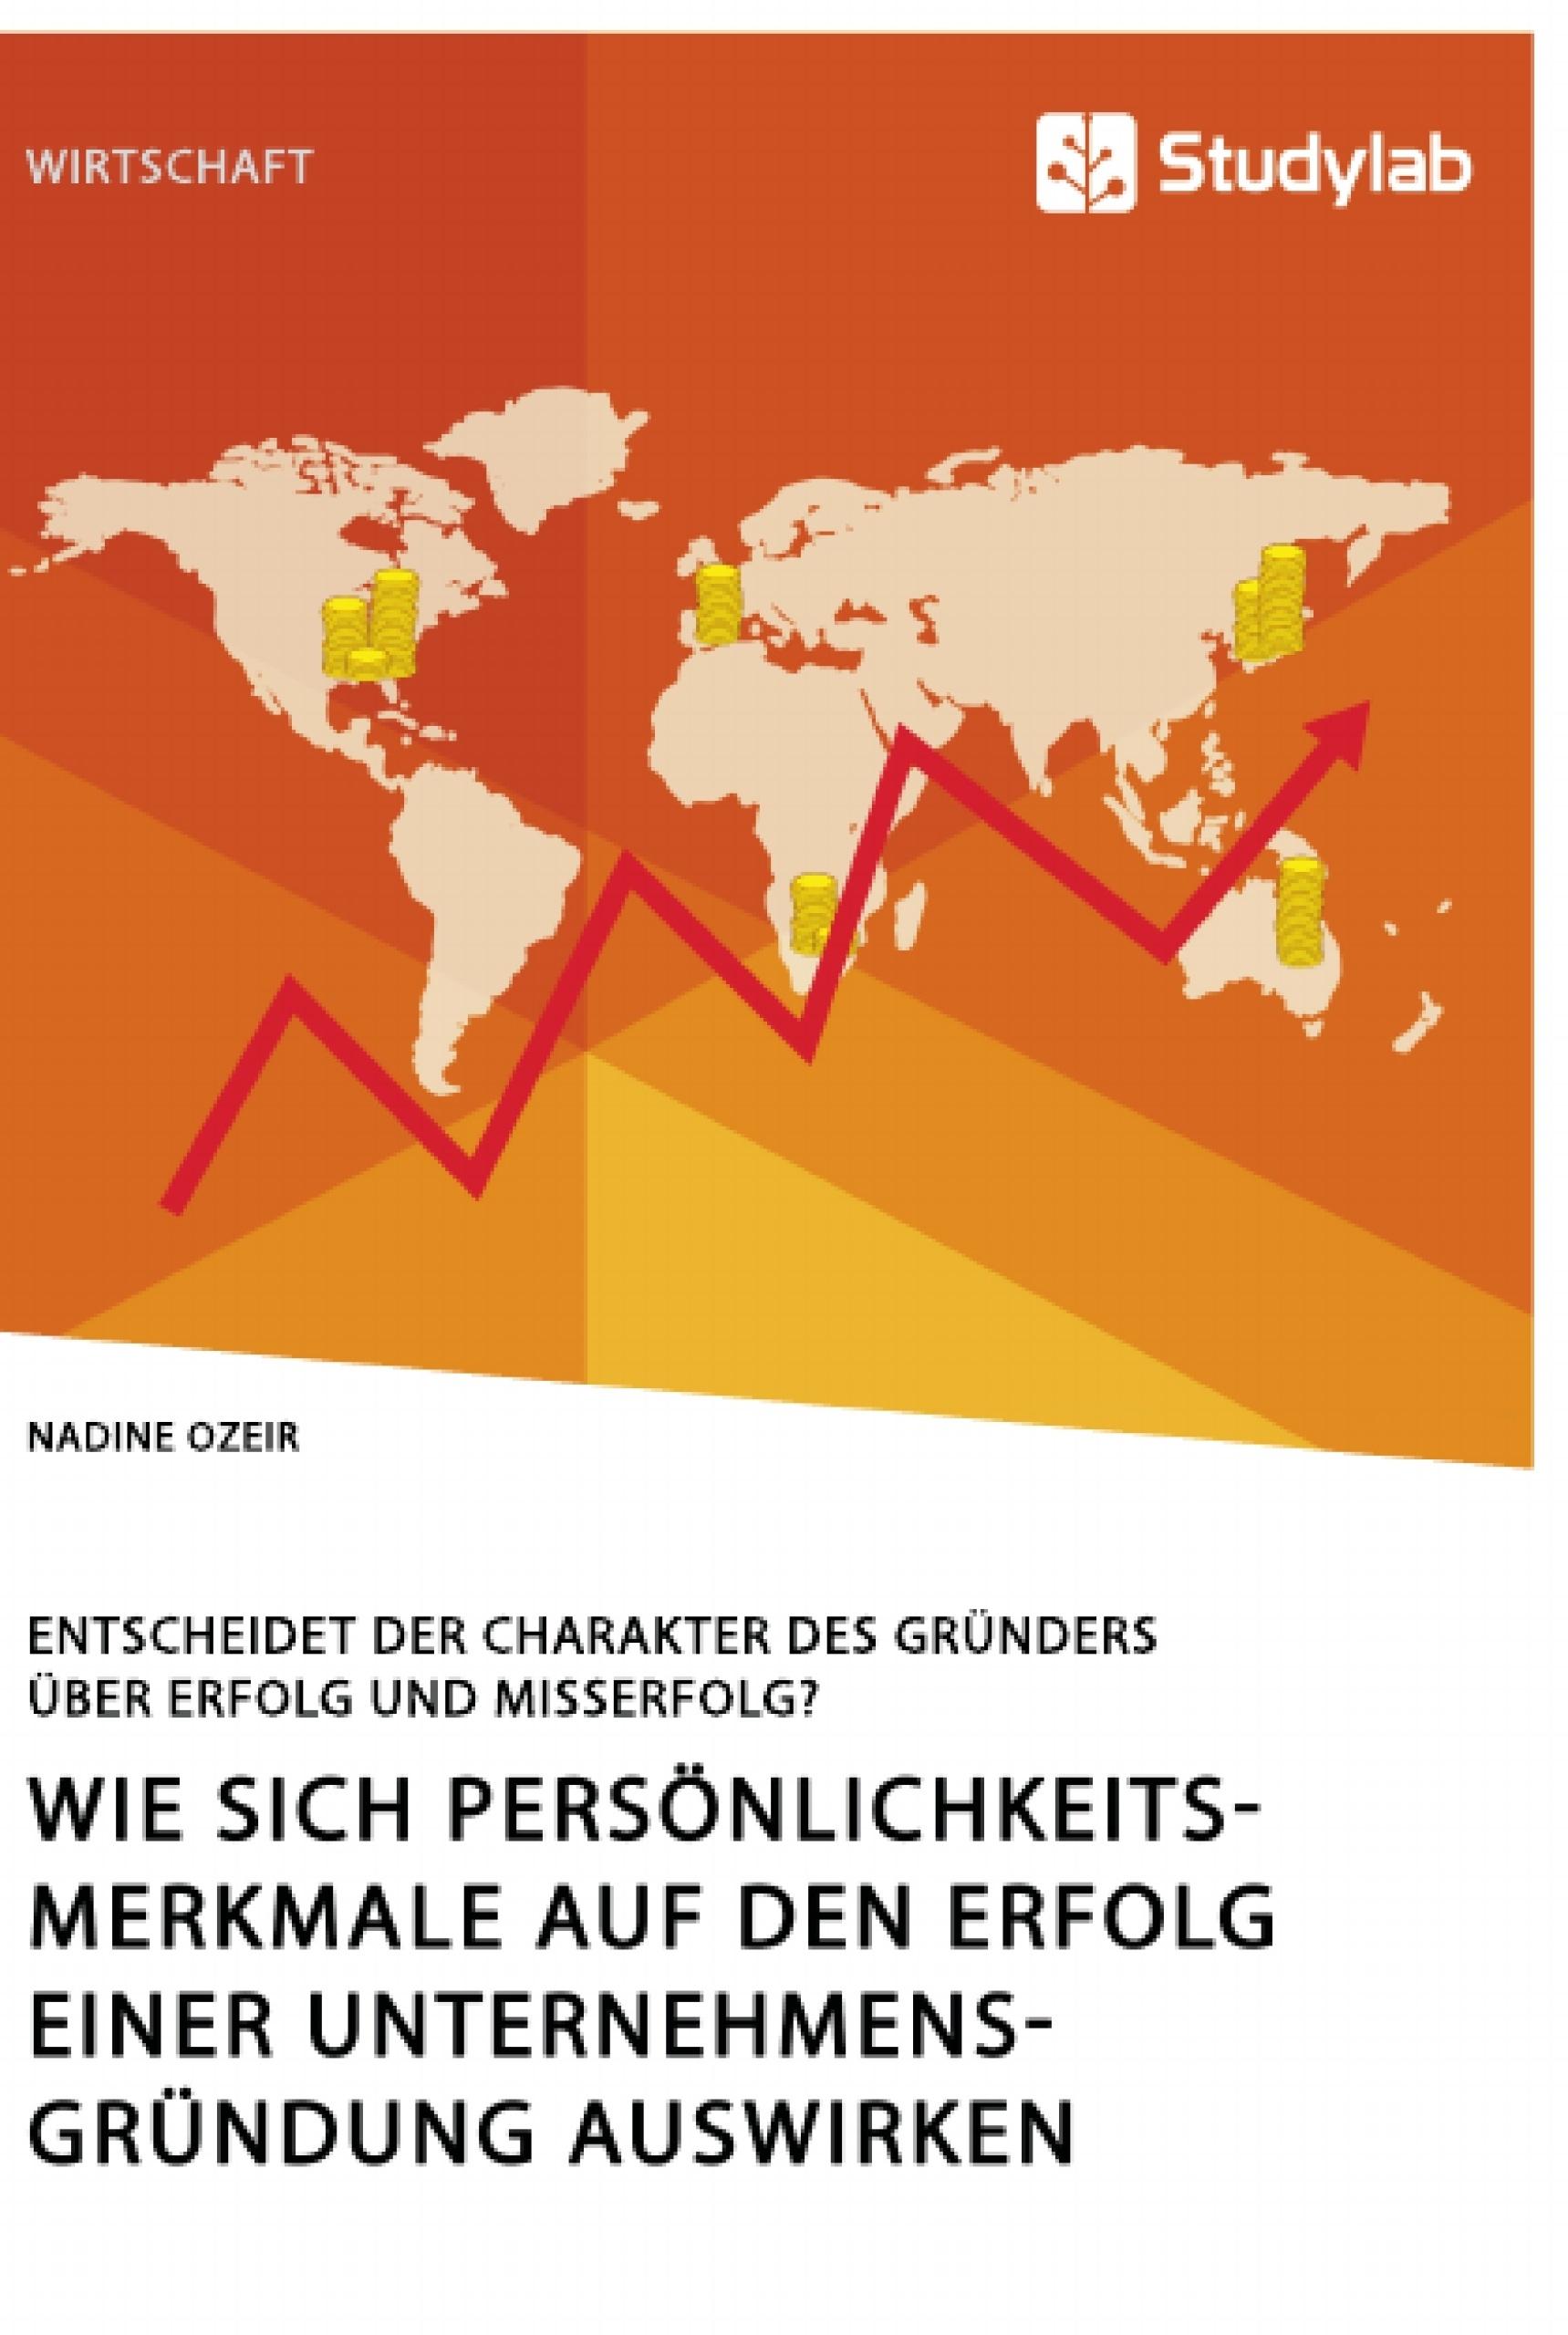 Titel: Wie sich Persönlichkeitsmerkmale auf den Erfolg einer Unternehmensgründung auswirken. Entscheidet der Charakter des Gründers über Erfolg und Misserfolg?